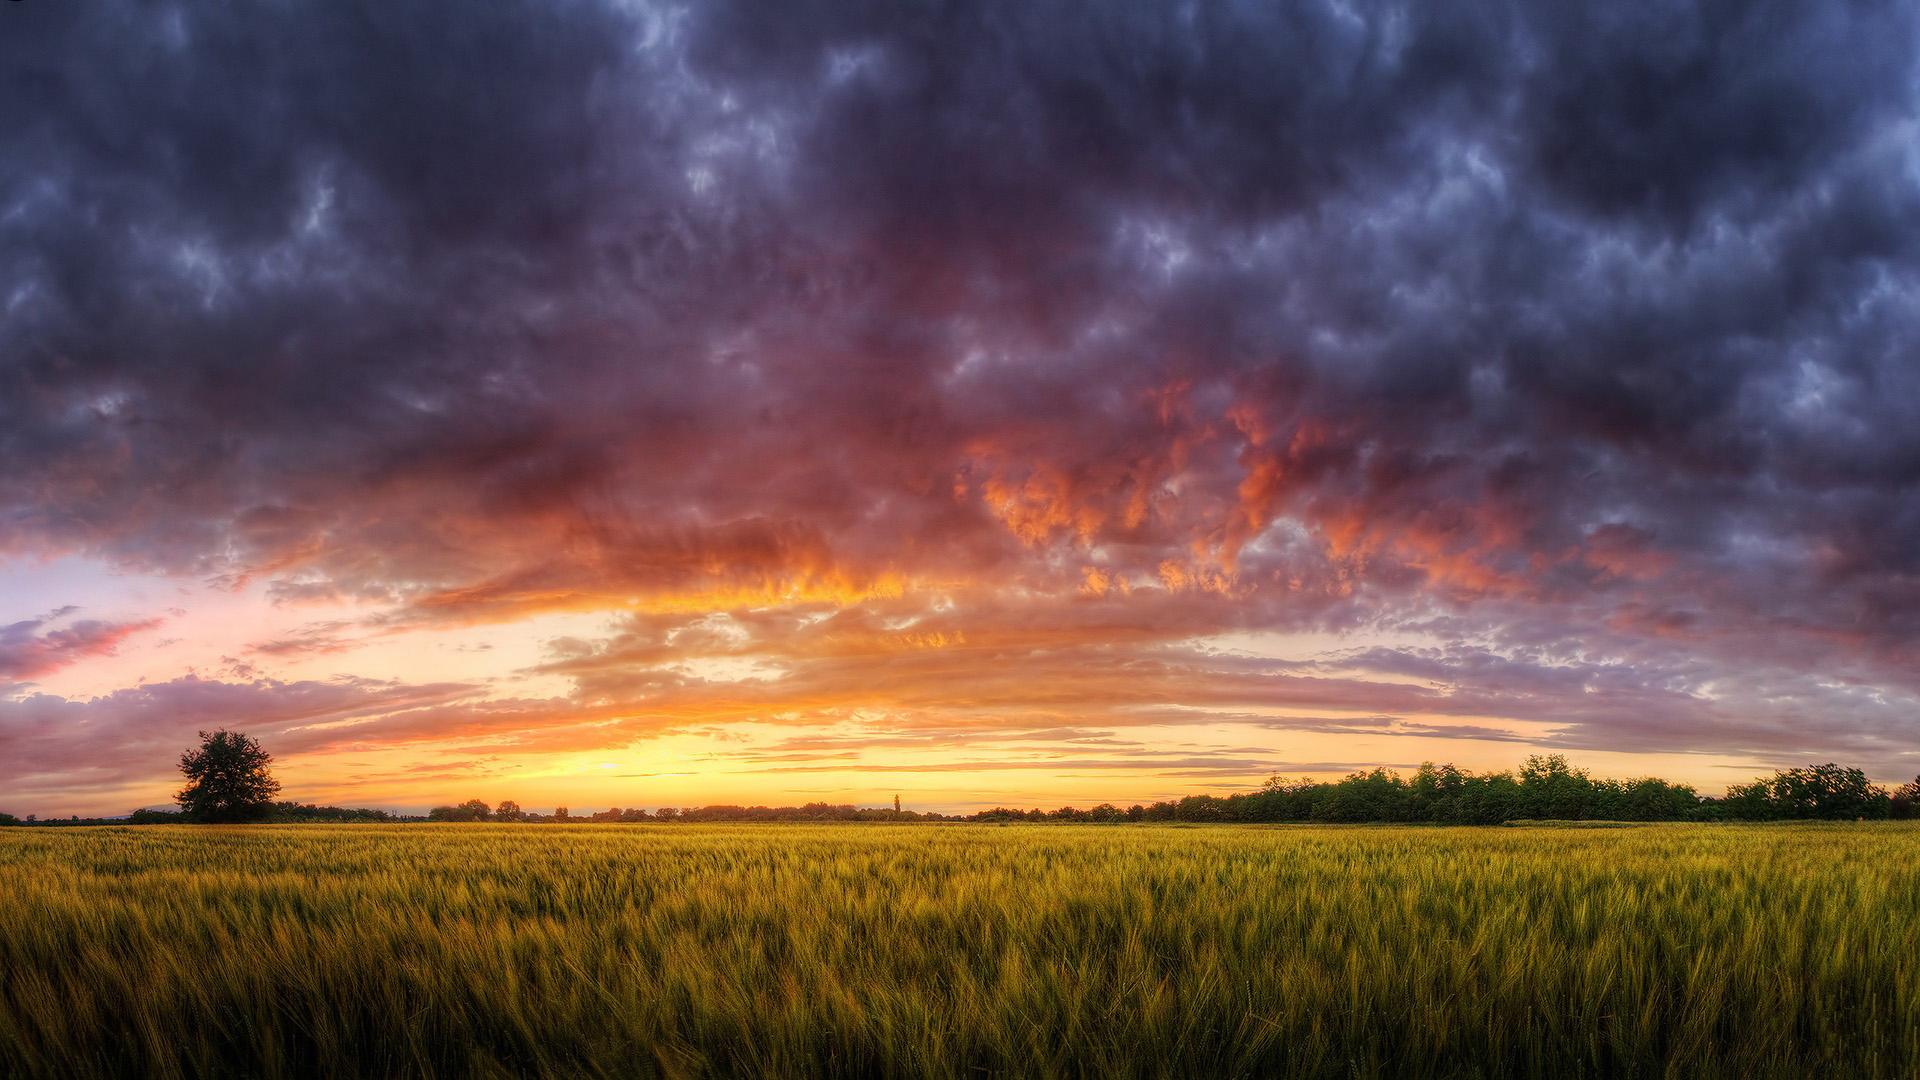 hình nền phong cảnh thiên nhiên